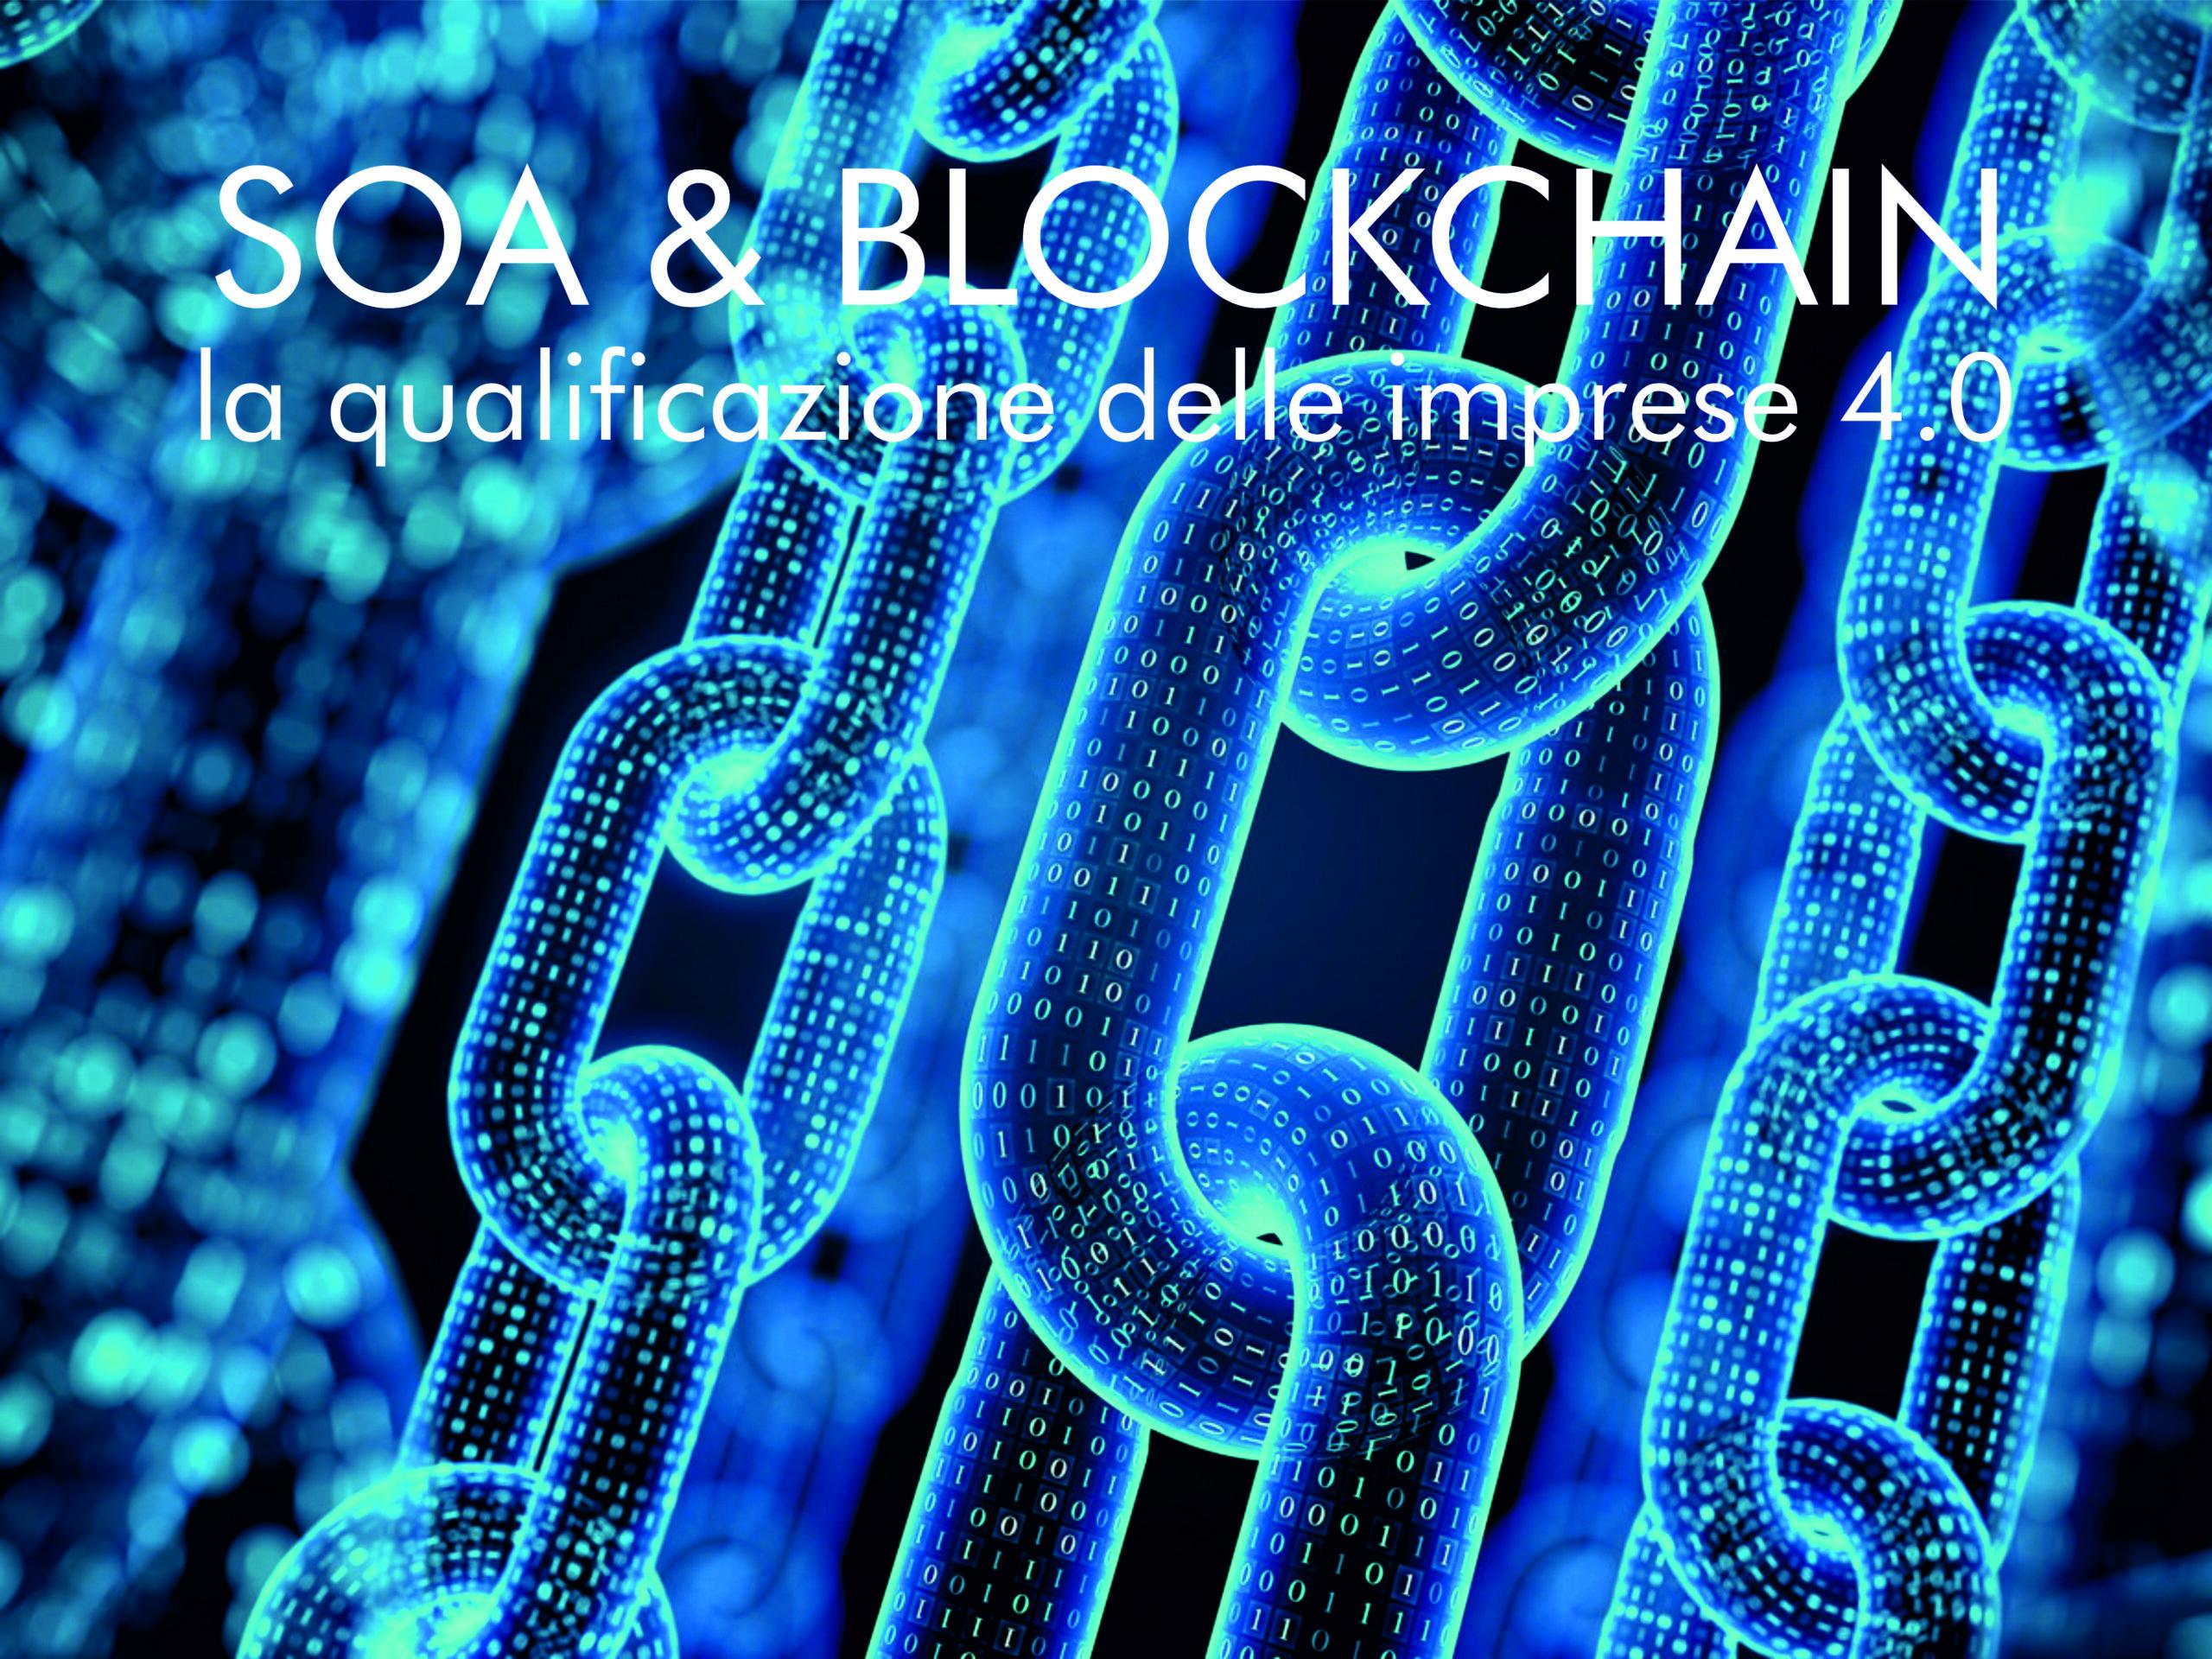 SOA & BLOCKCHAIN la qualificazione delle imprese 4.0